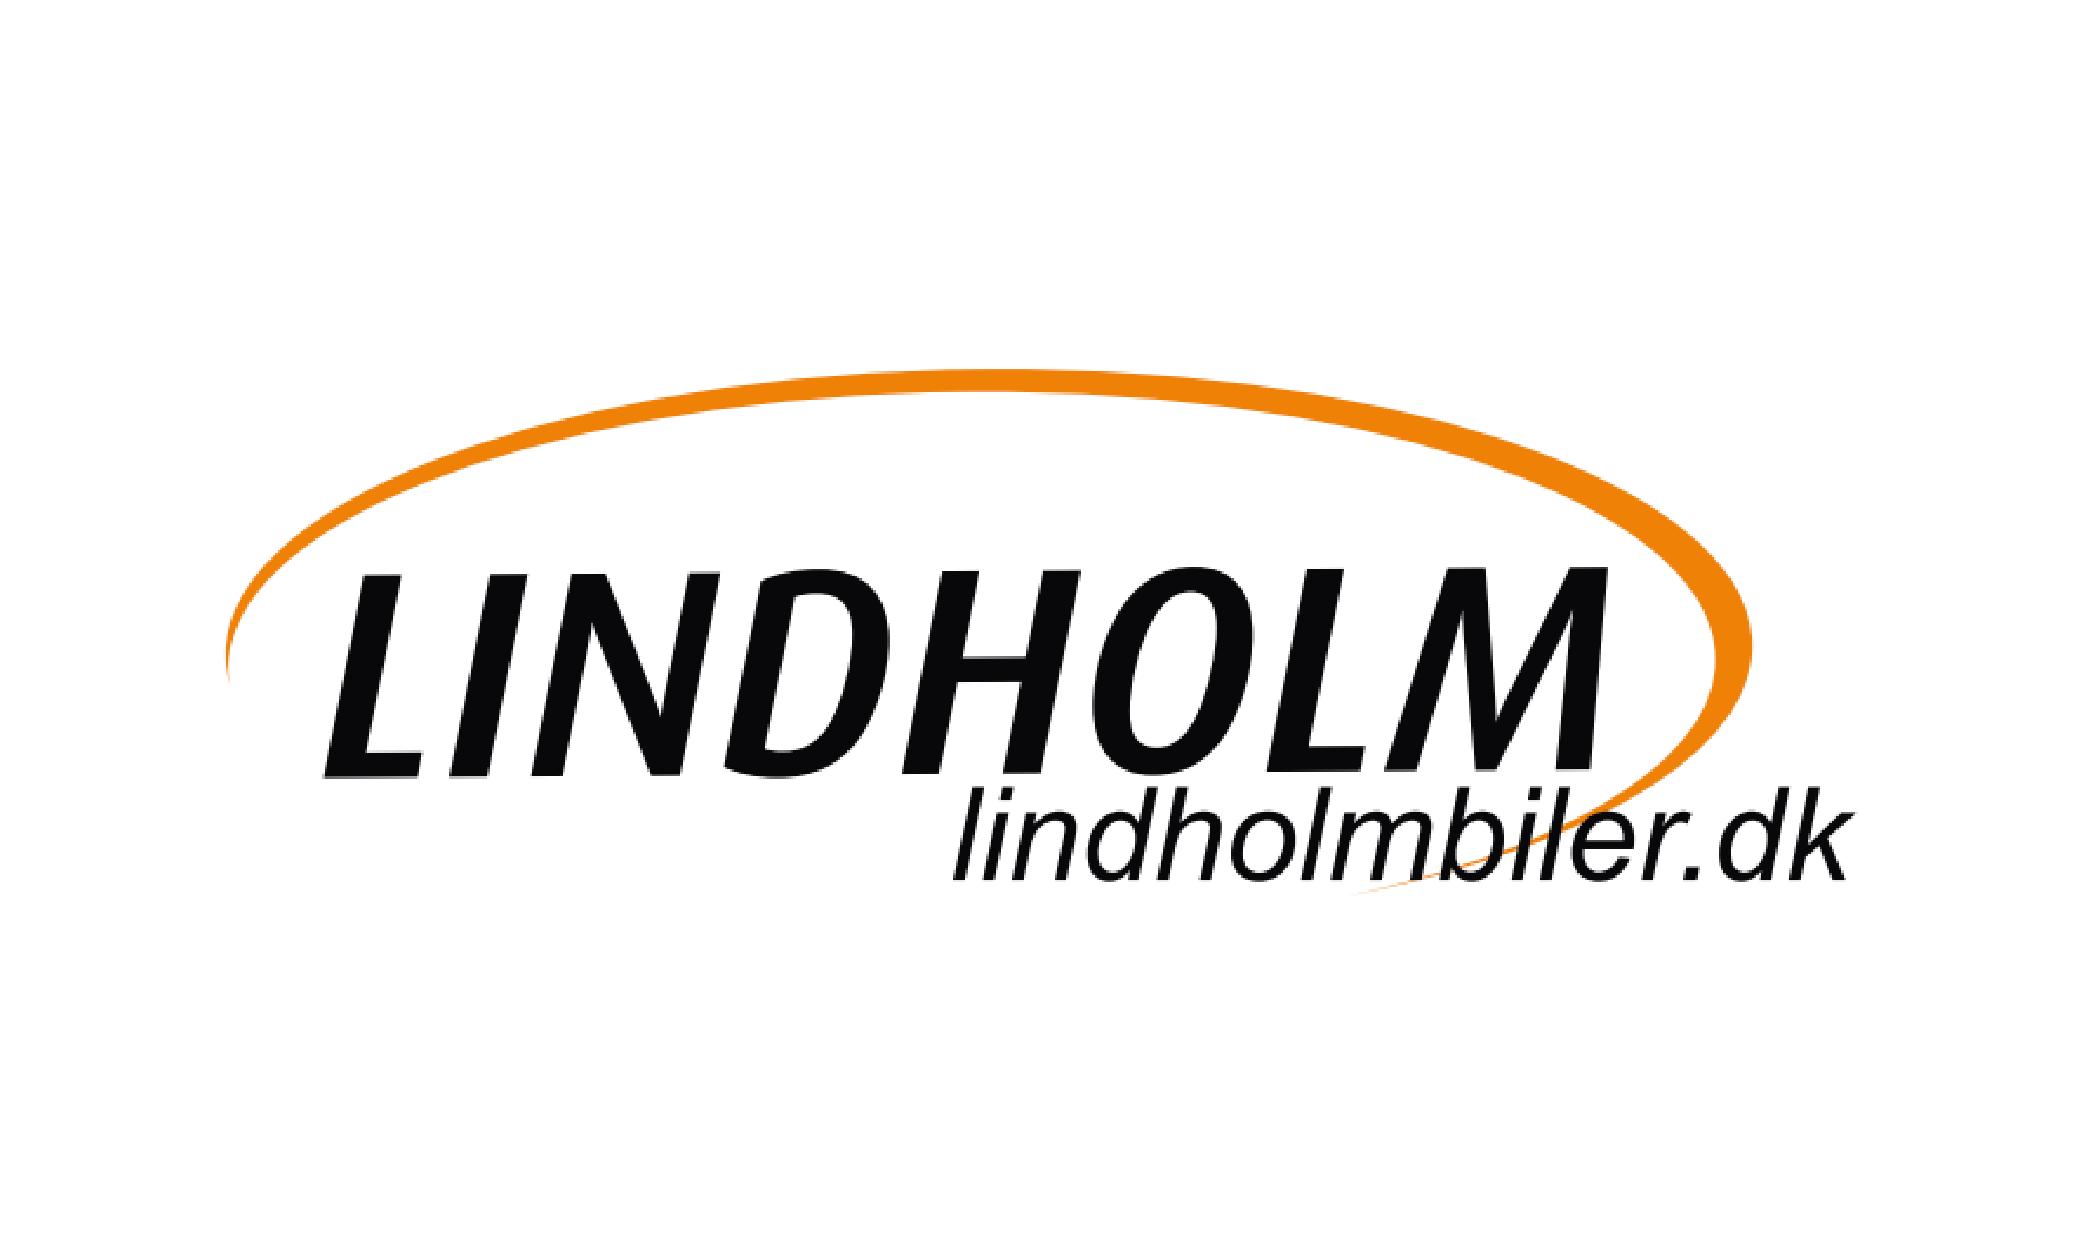 Lindholm Biler, find dit Bizz Up Magasin, Distribution, find magasin, Bizz Up, Bizzup.dk